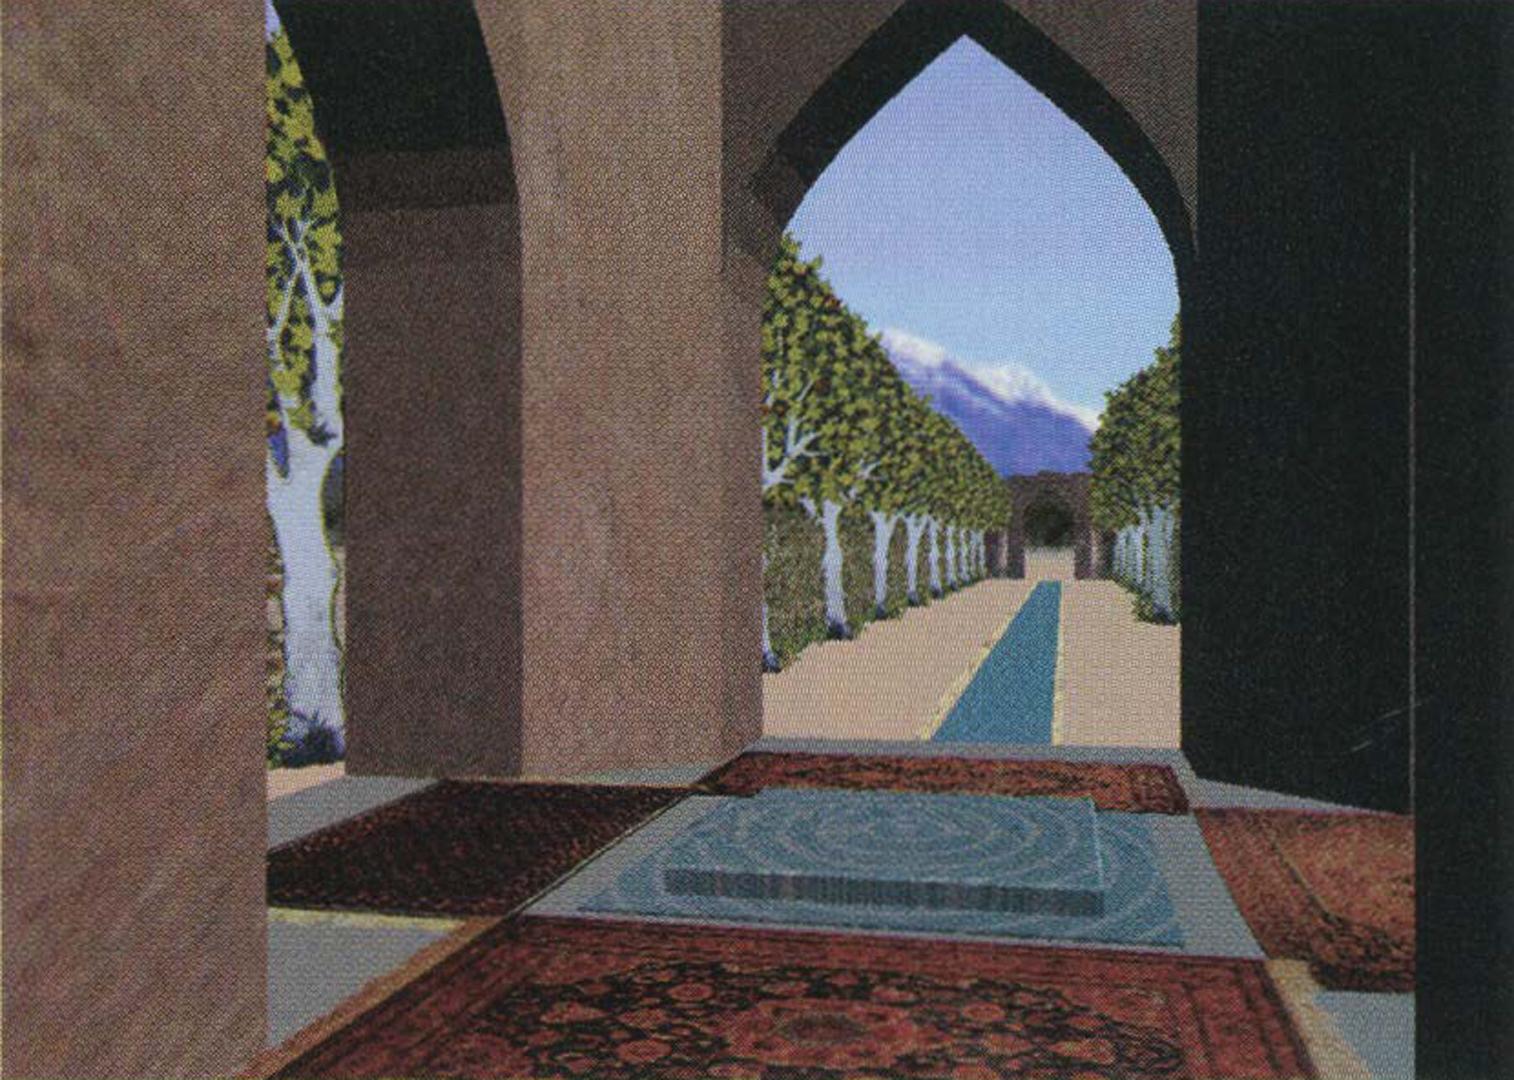 ©2001, Tamiko Thiel, Beyond Manzanar